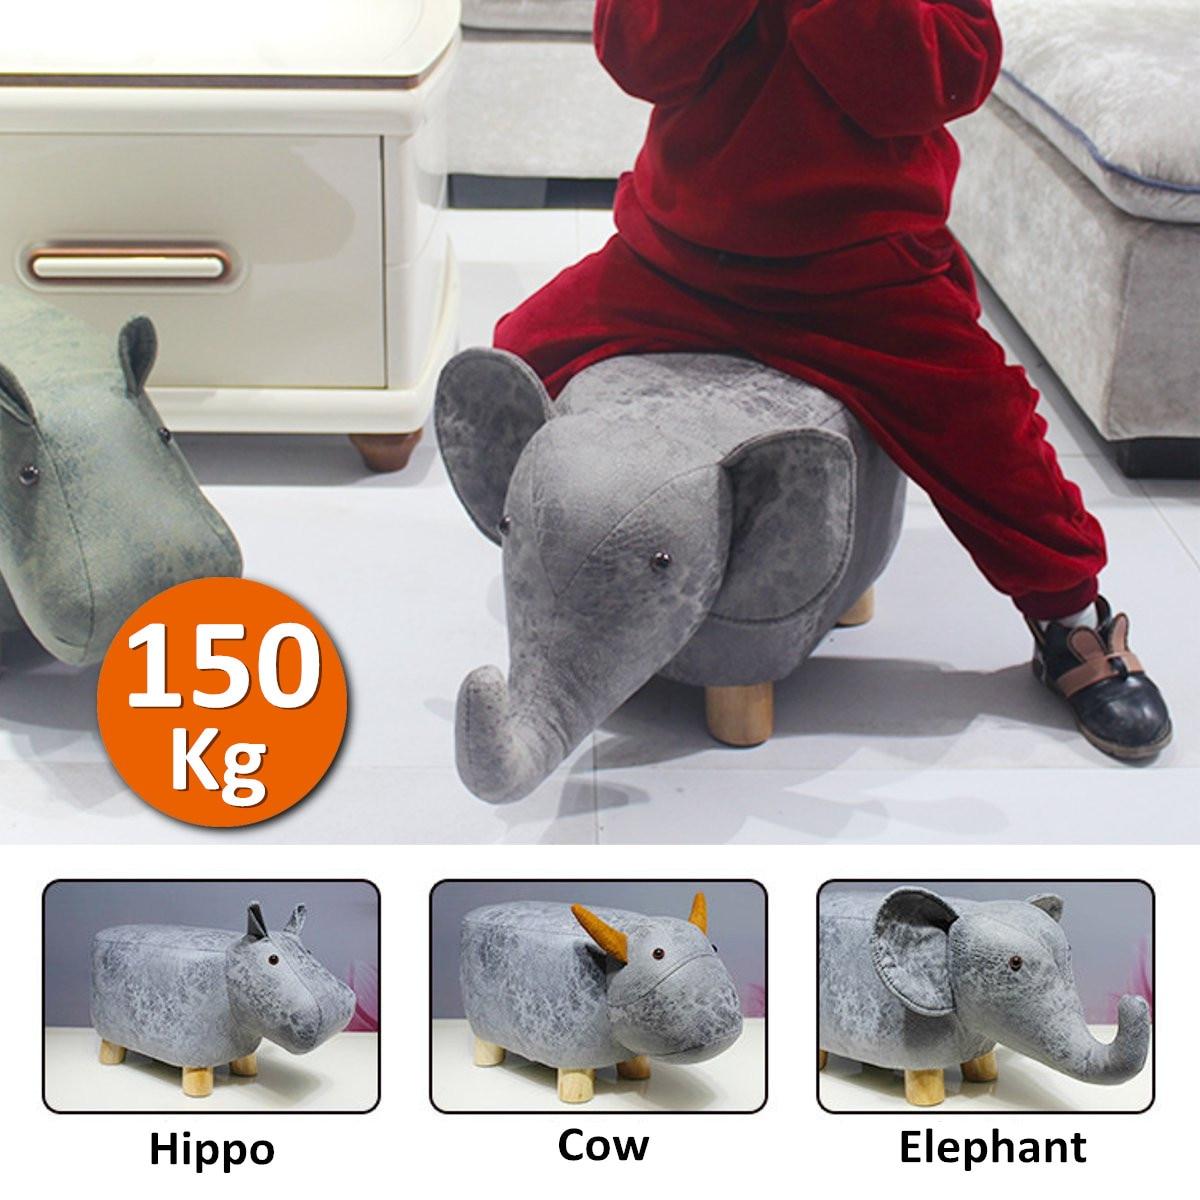 Forme animale repose-pieds Ottomans chaussures canapé rembourré coussin pouf tabourets repos siège maison enfants chambre meubles décor 50x28x24 cm